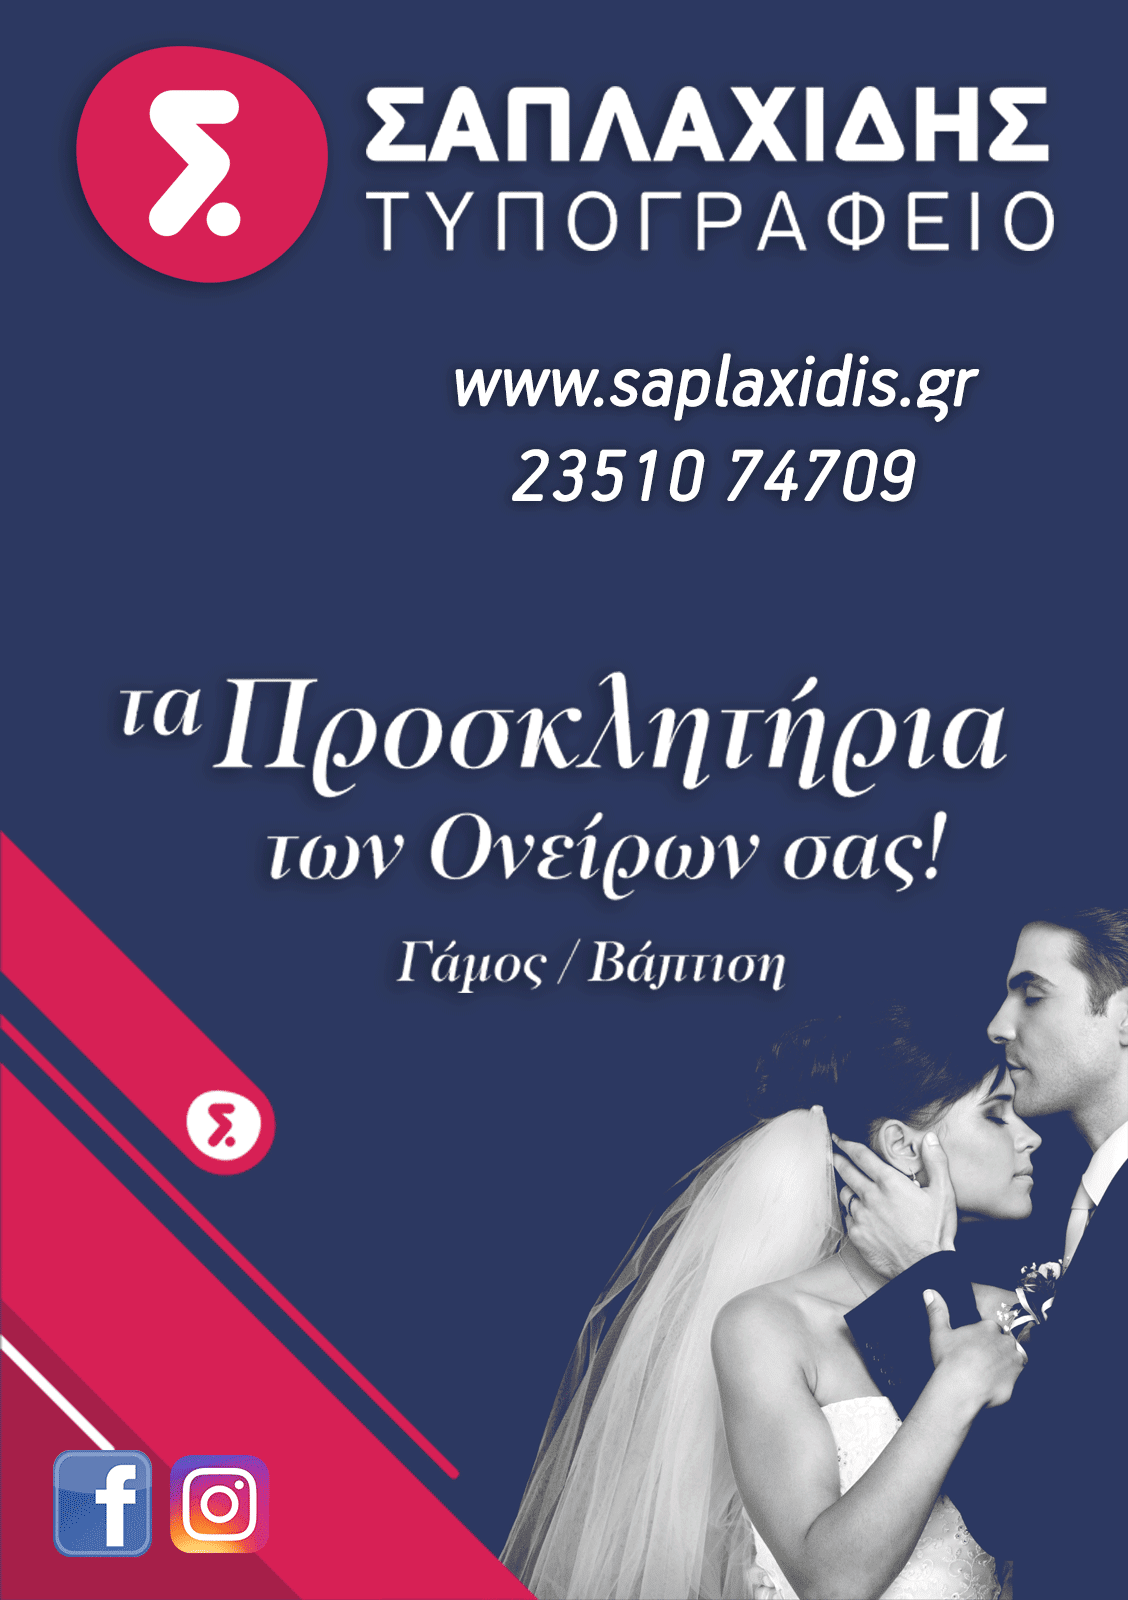 ΤΥΠΟΓΡΑΦΕΙΟ ΣΑΠΛΑΧΙΔΗΣ